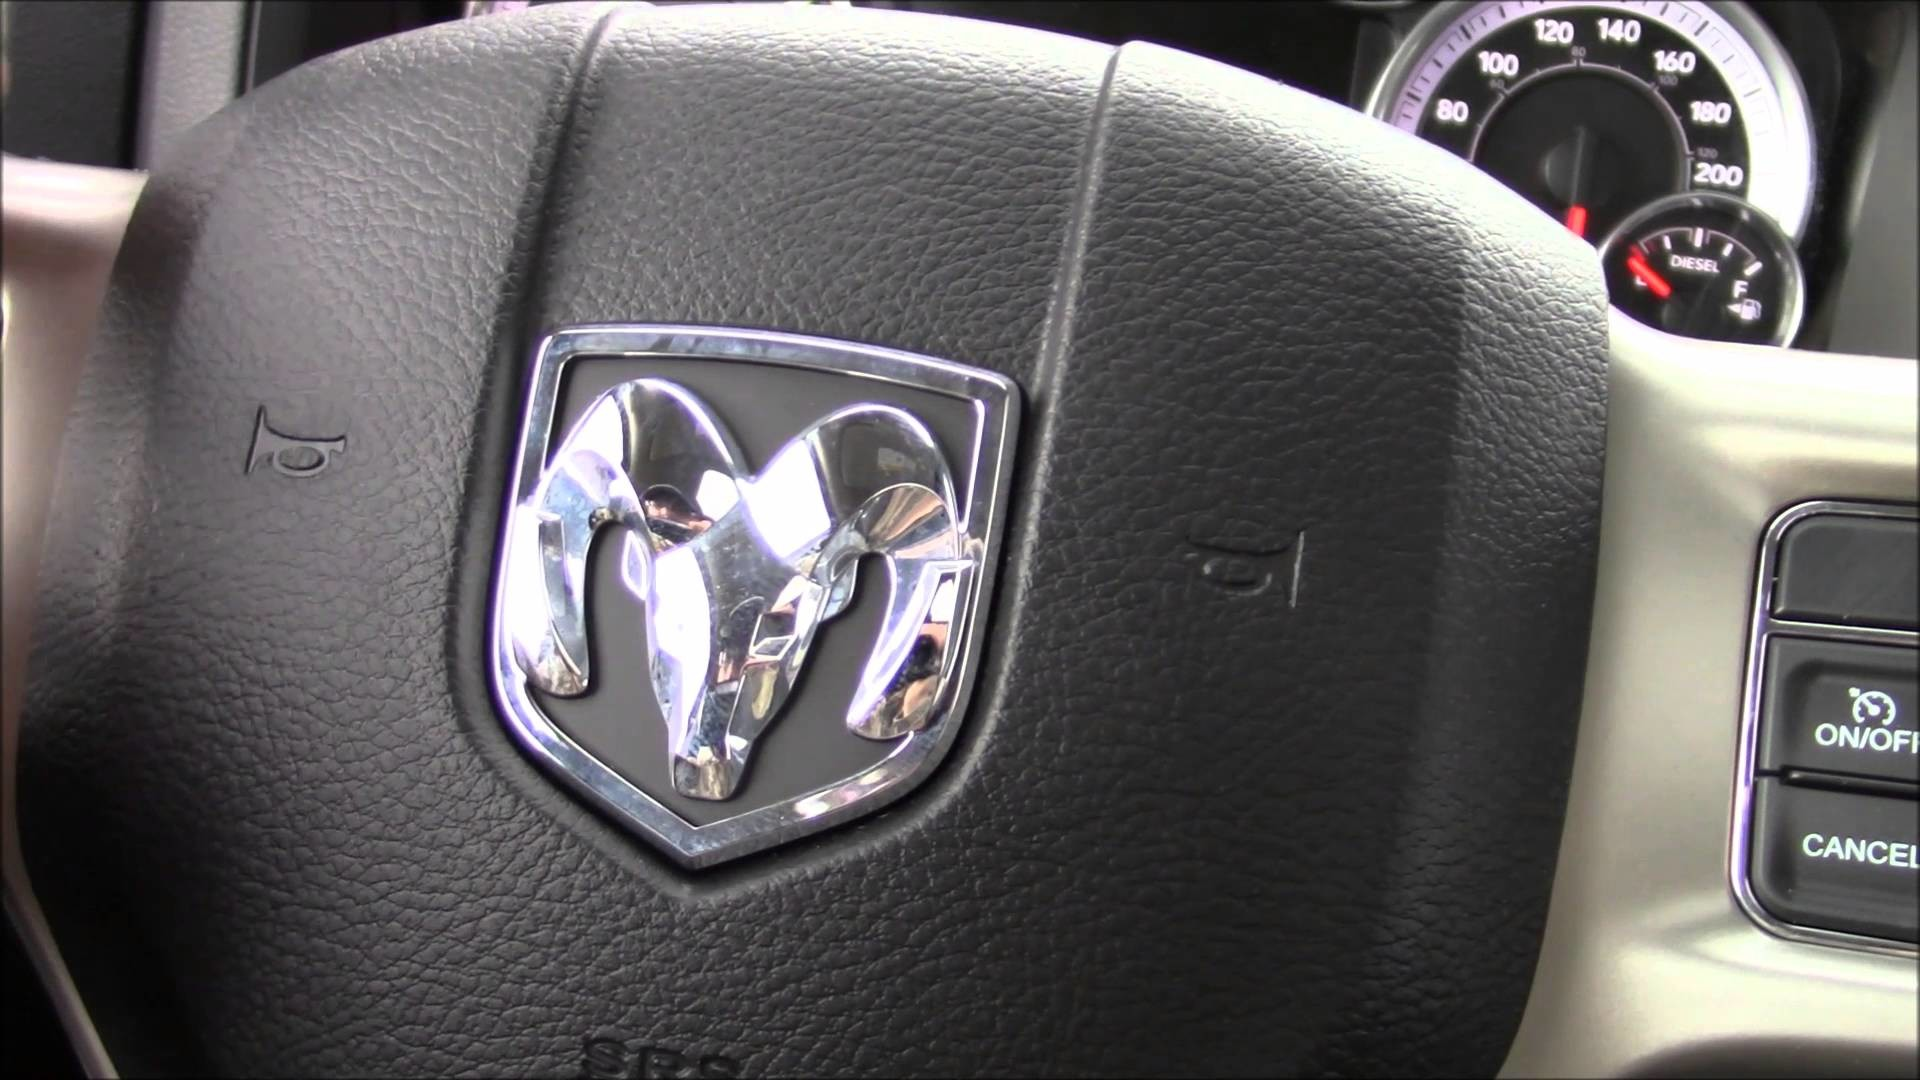 2016 Dodge ram 2500 Cummins Turbo Diesel Walk around and start up